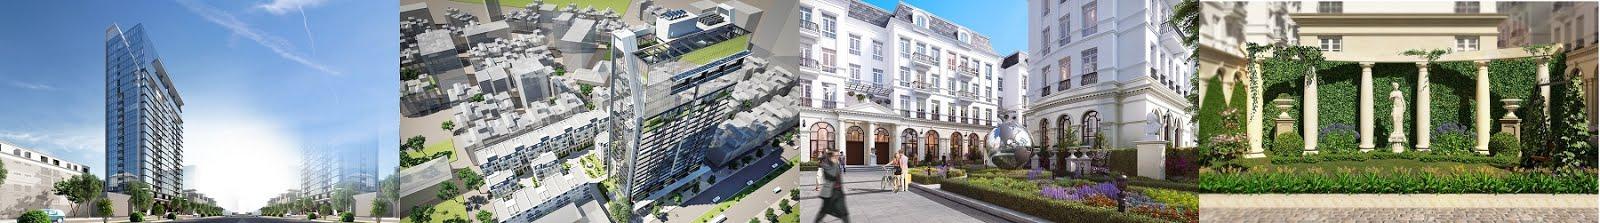 Bán chung cư, liền kề nhà phố Grandeur Palace Giảng Võ, Văn Phú Invest